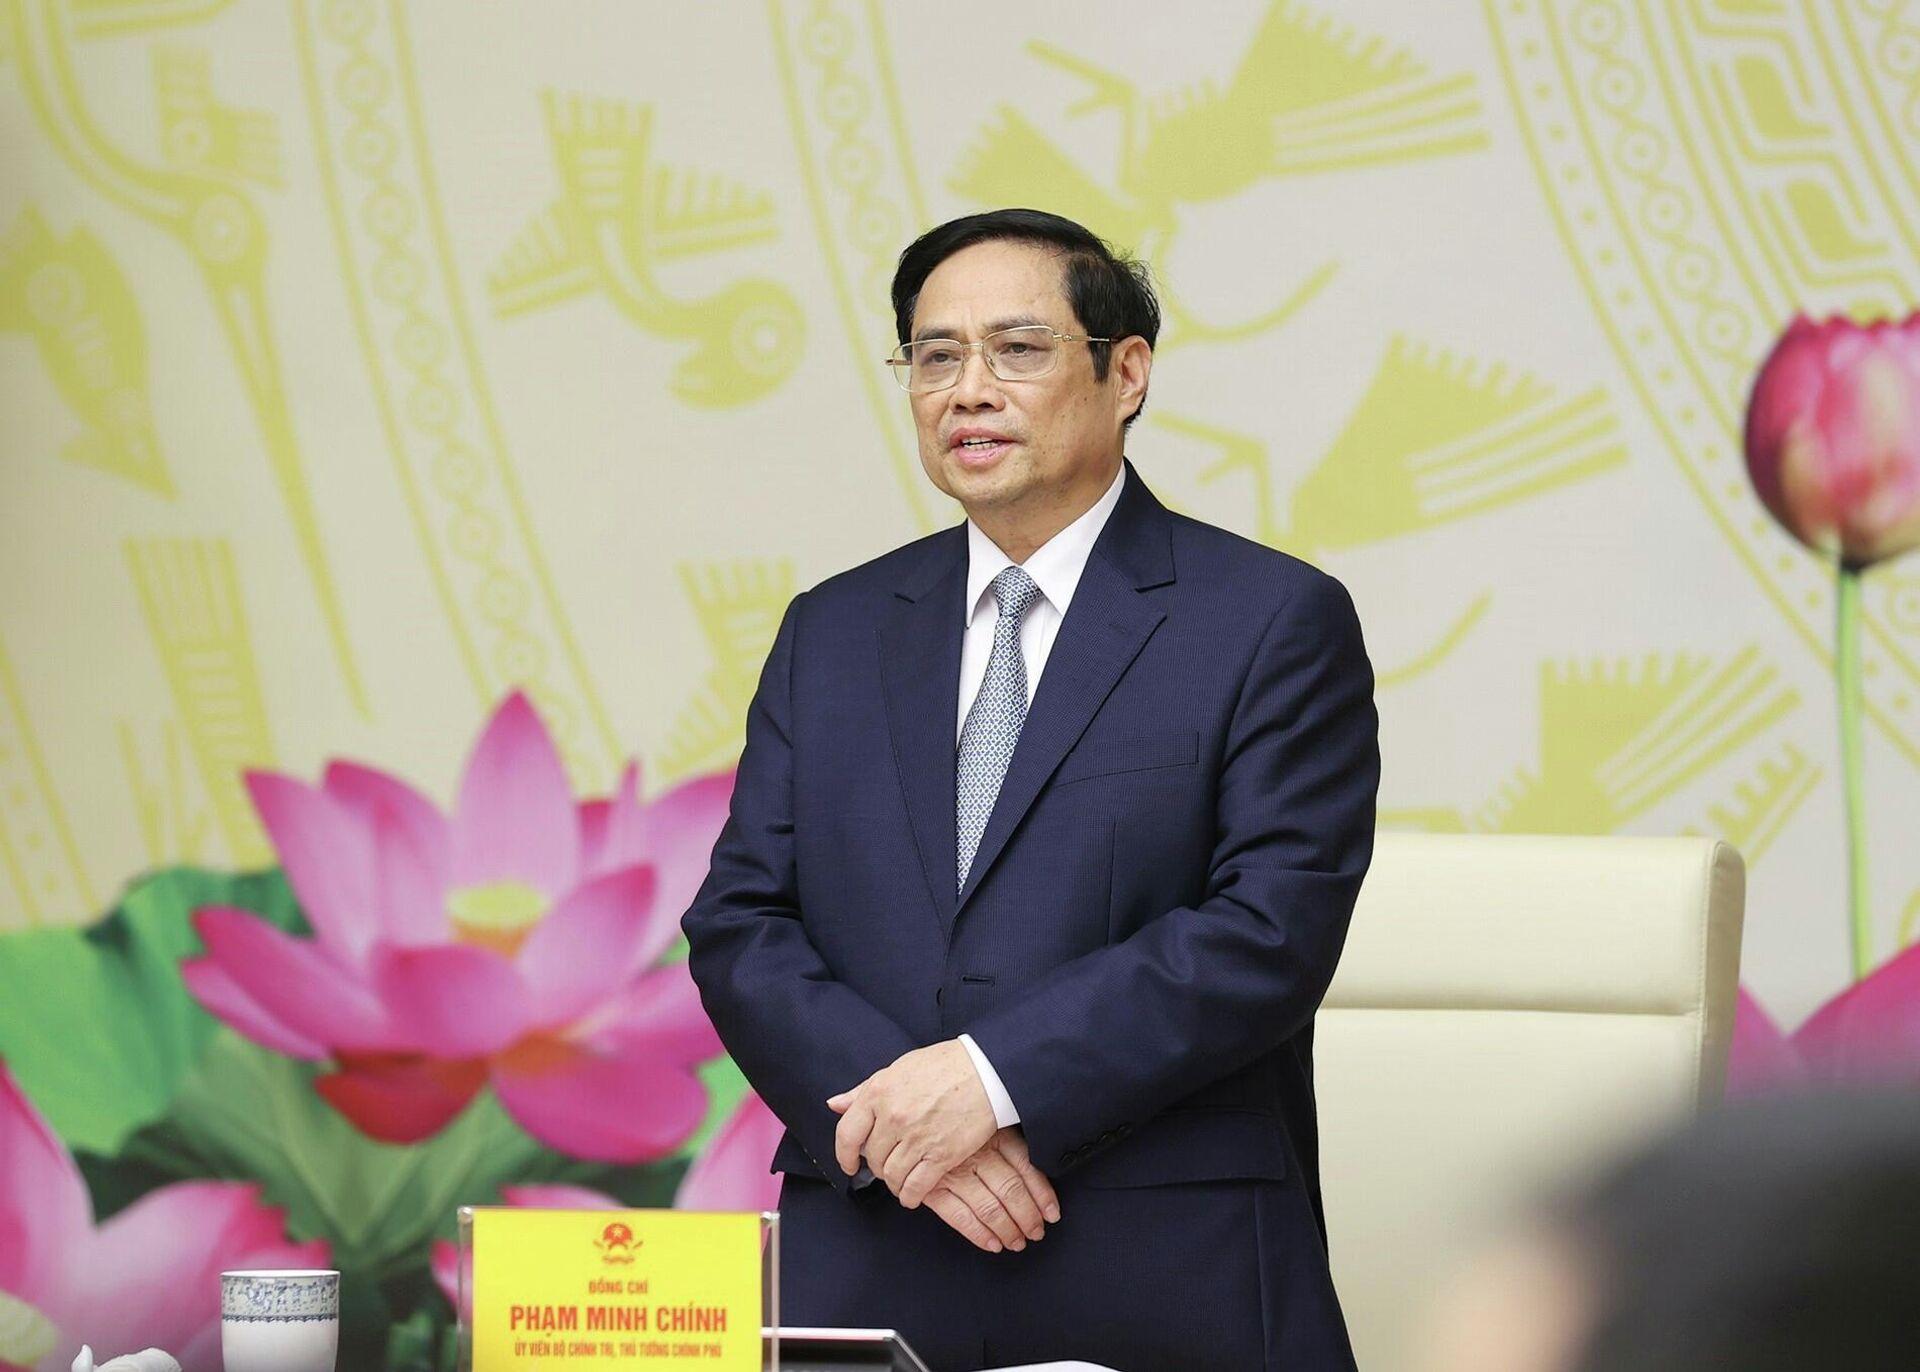 Thủ tướng Phạm Minh Chính phát biểu tại buổi gặp đại diện các doanh nghiệp, doanh nhân tiêu biểu  - Sputnik Việt Nam, 1920, 12.10.2021